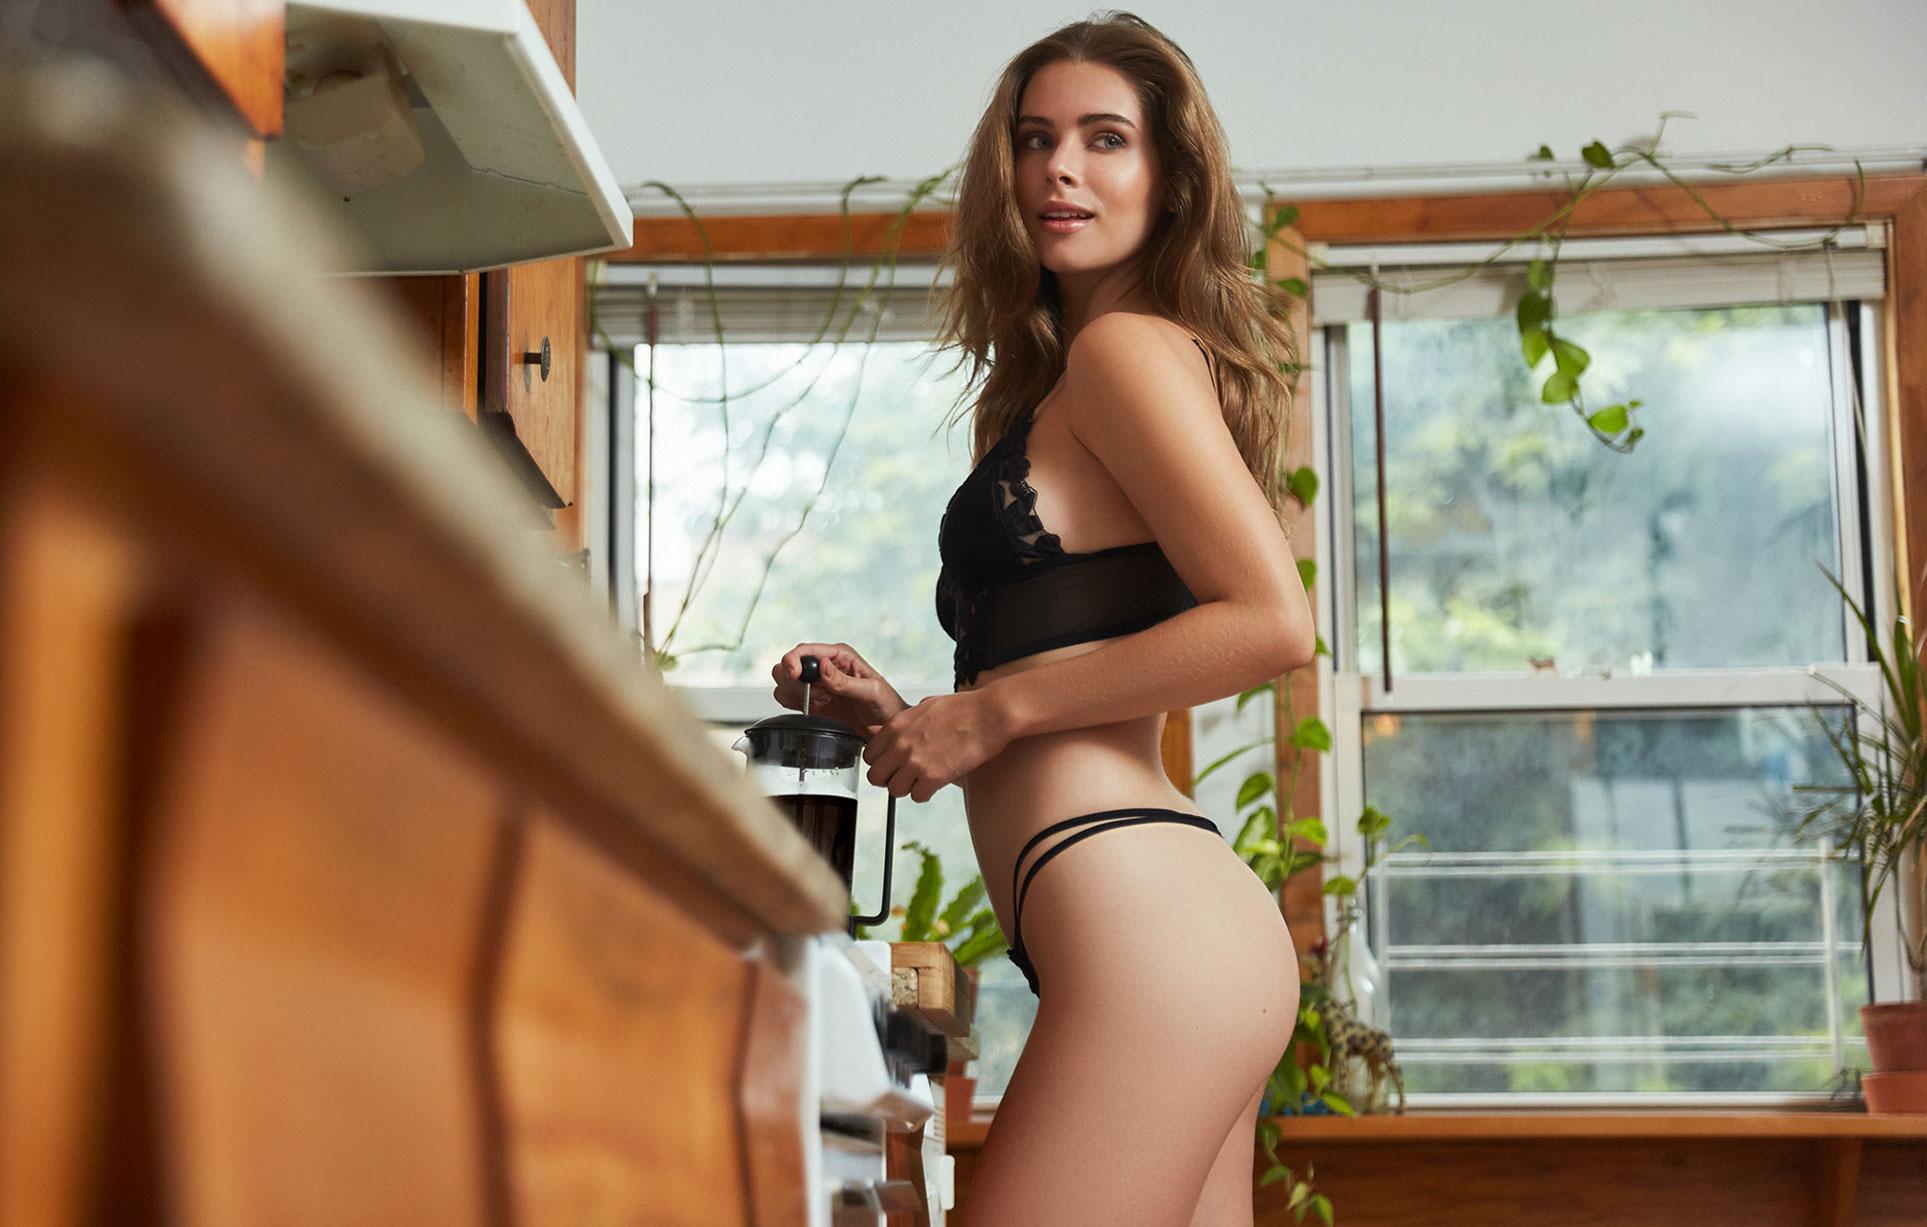 Брэнди Гордон готовит кофе и демонстрирует кружевное нижнее белье / фото 17